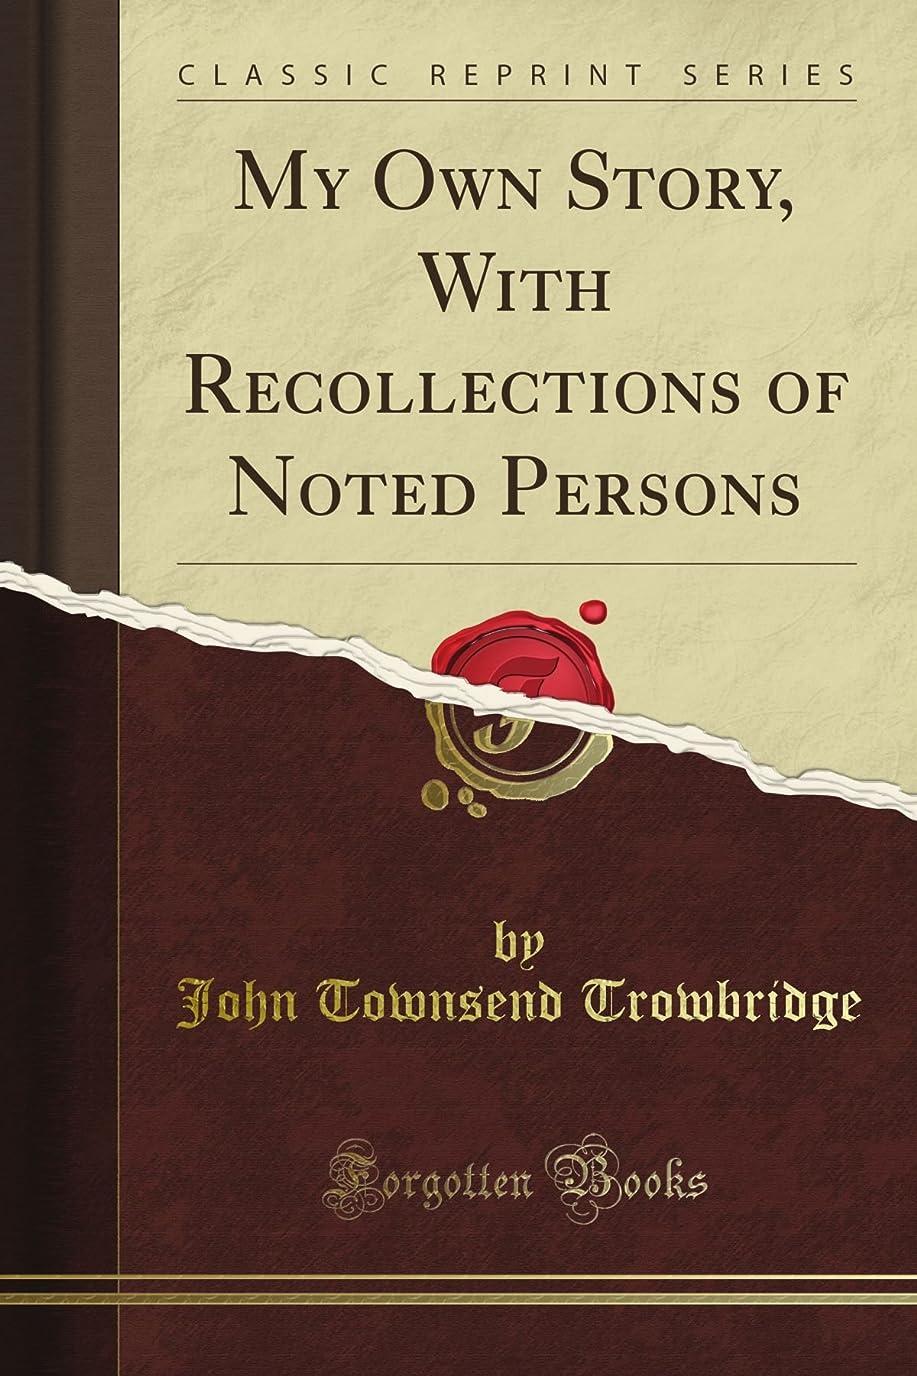 見分ける遊具コンパニオンMy Own Story, With Recollections of Noted Persons (Classic Reprint)